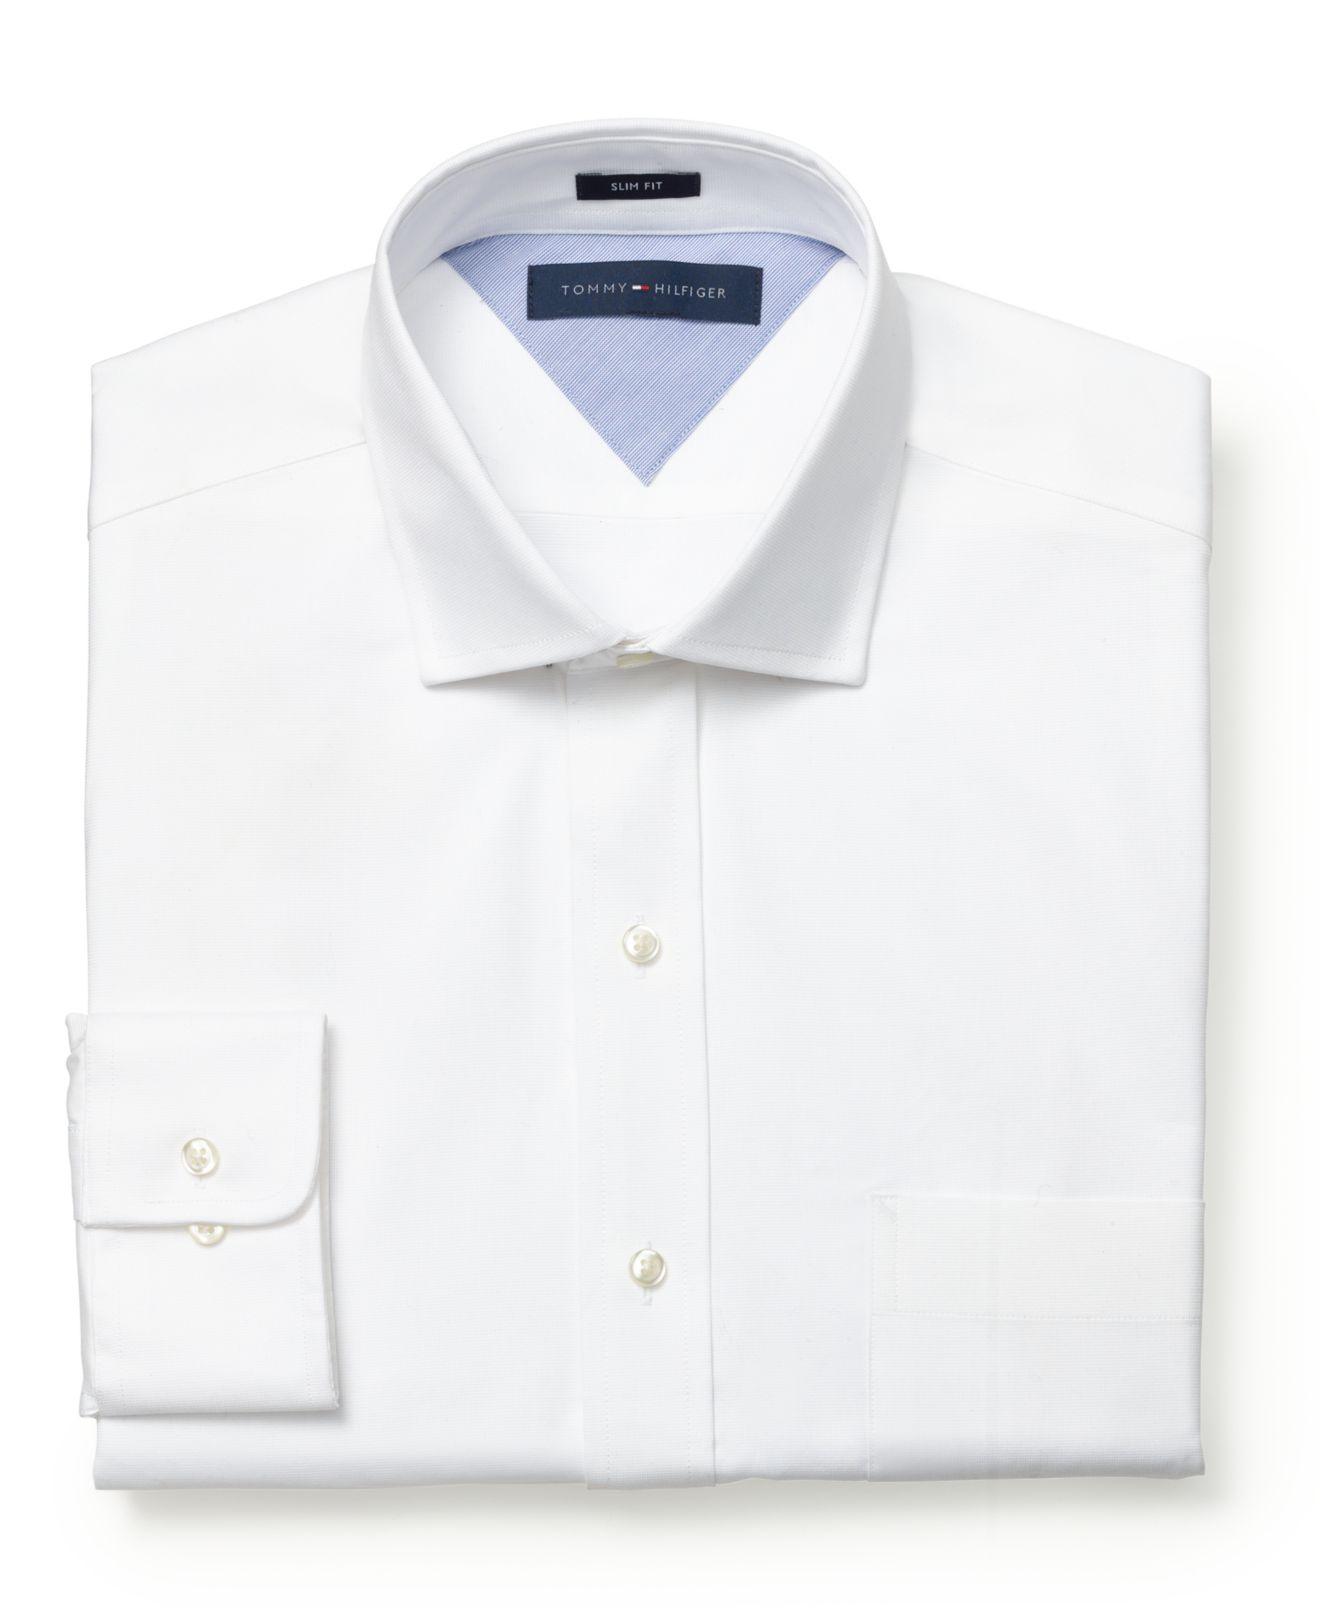 b45ce09ec84 Tommy Hilfiger - Shop online & buy Tommy Hilfiger men's ... With a  flattering Slim Fit ...